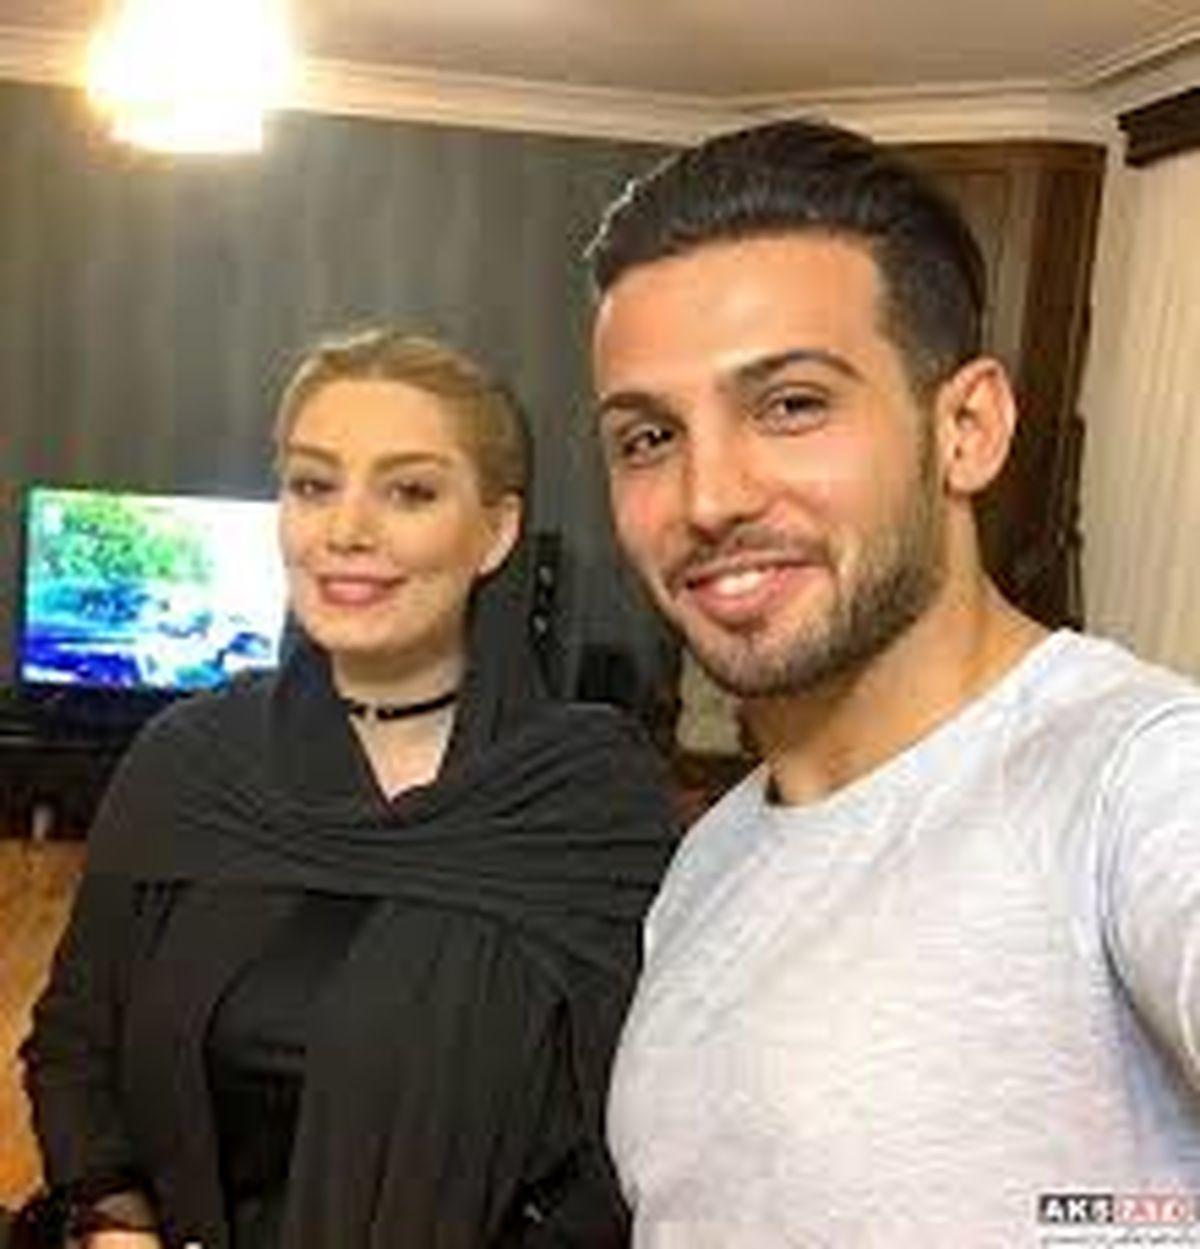 سحر قریشی در قایق تفریحی لاکچری در ترکیه غوغا به پا کرد + فیلم لورفته